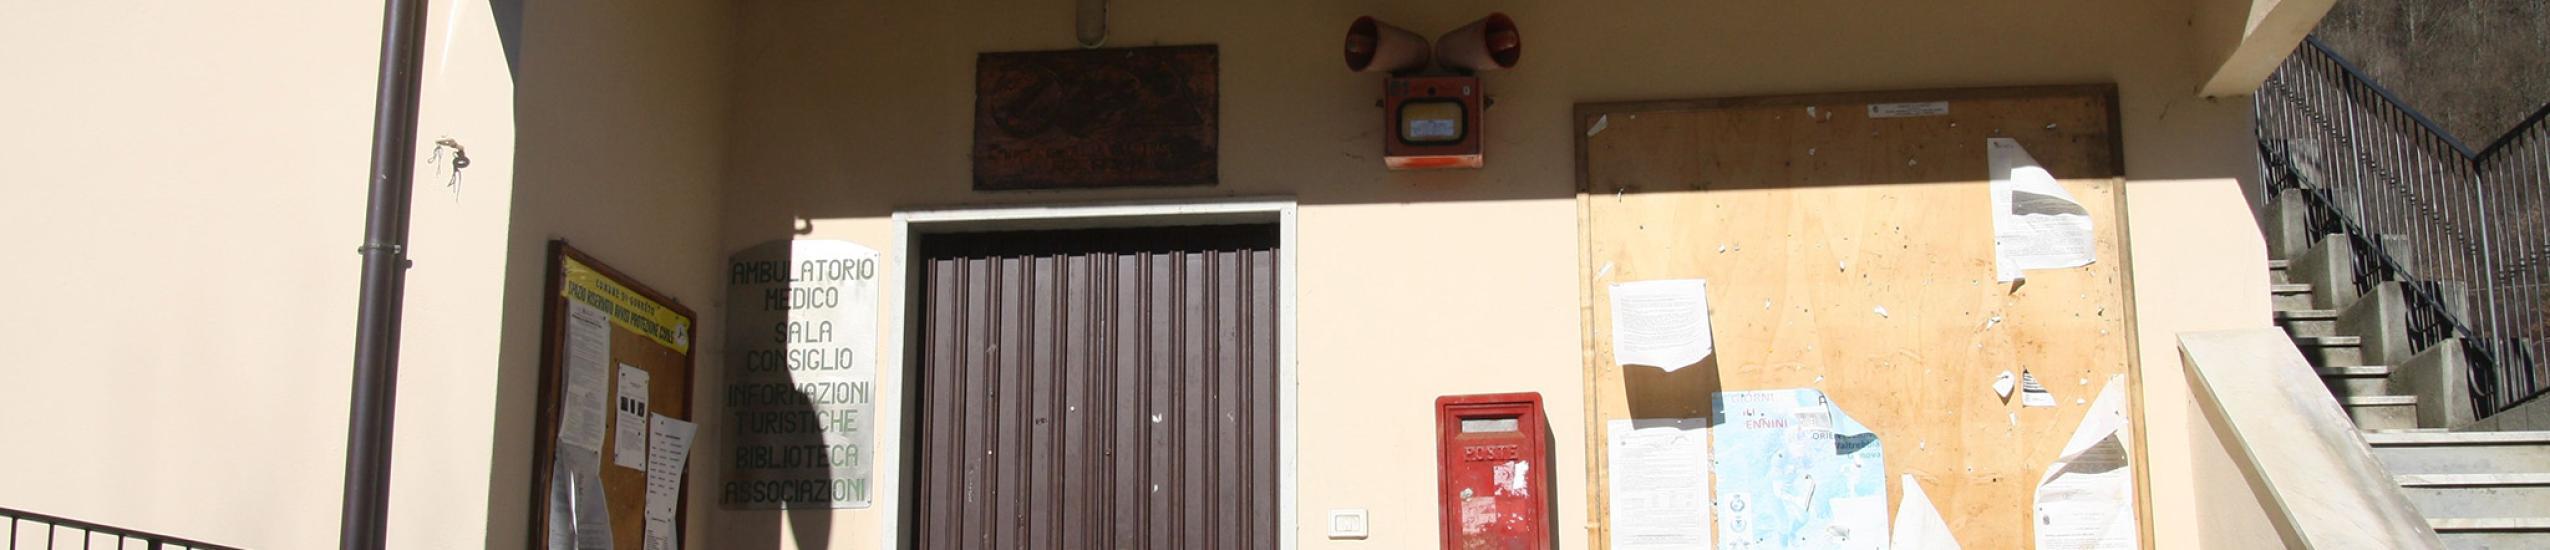 ingresso dell'edificio che ospita anche l'associazione